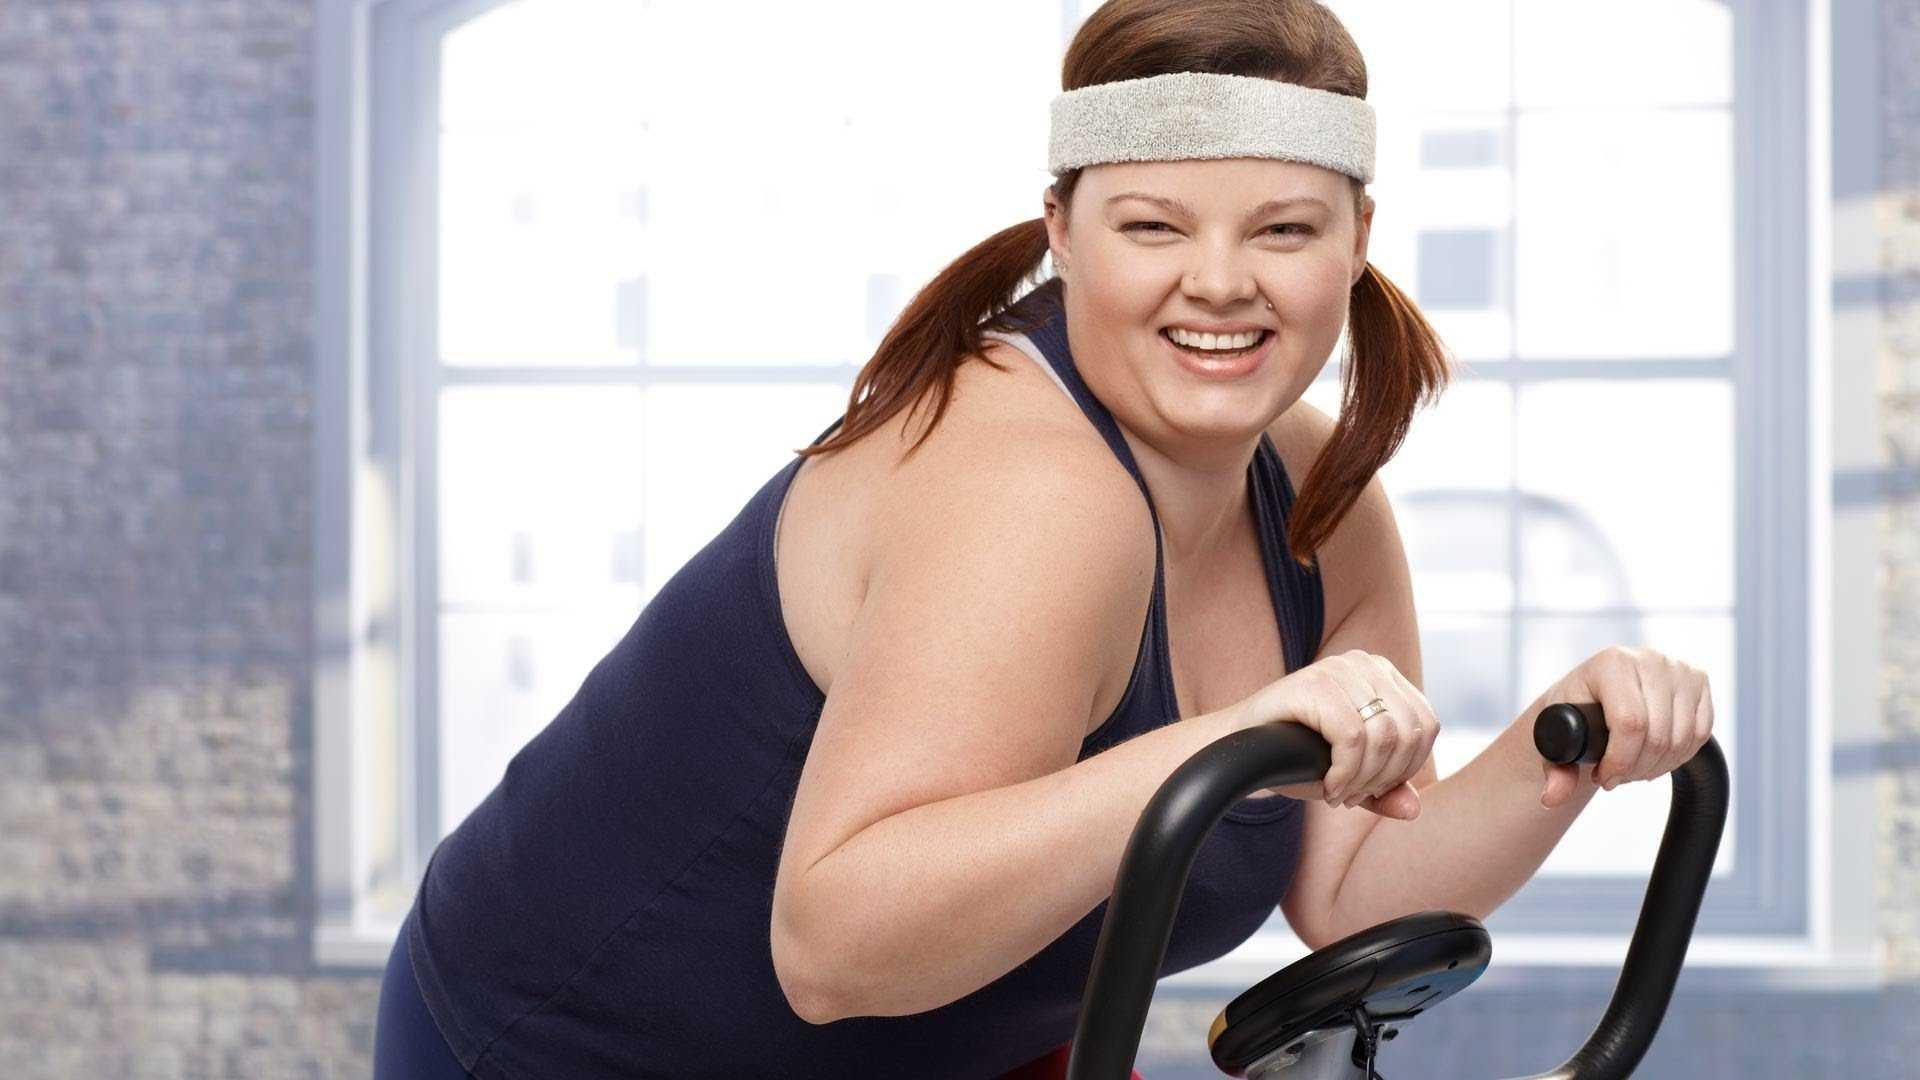 Тренажерный зал похудеть женщине